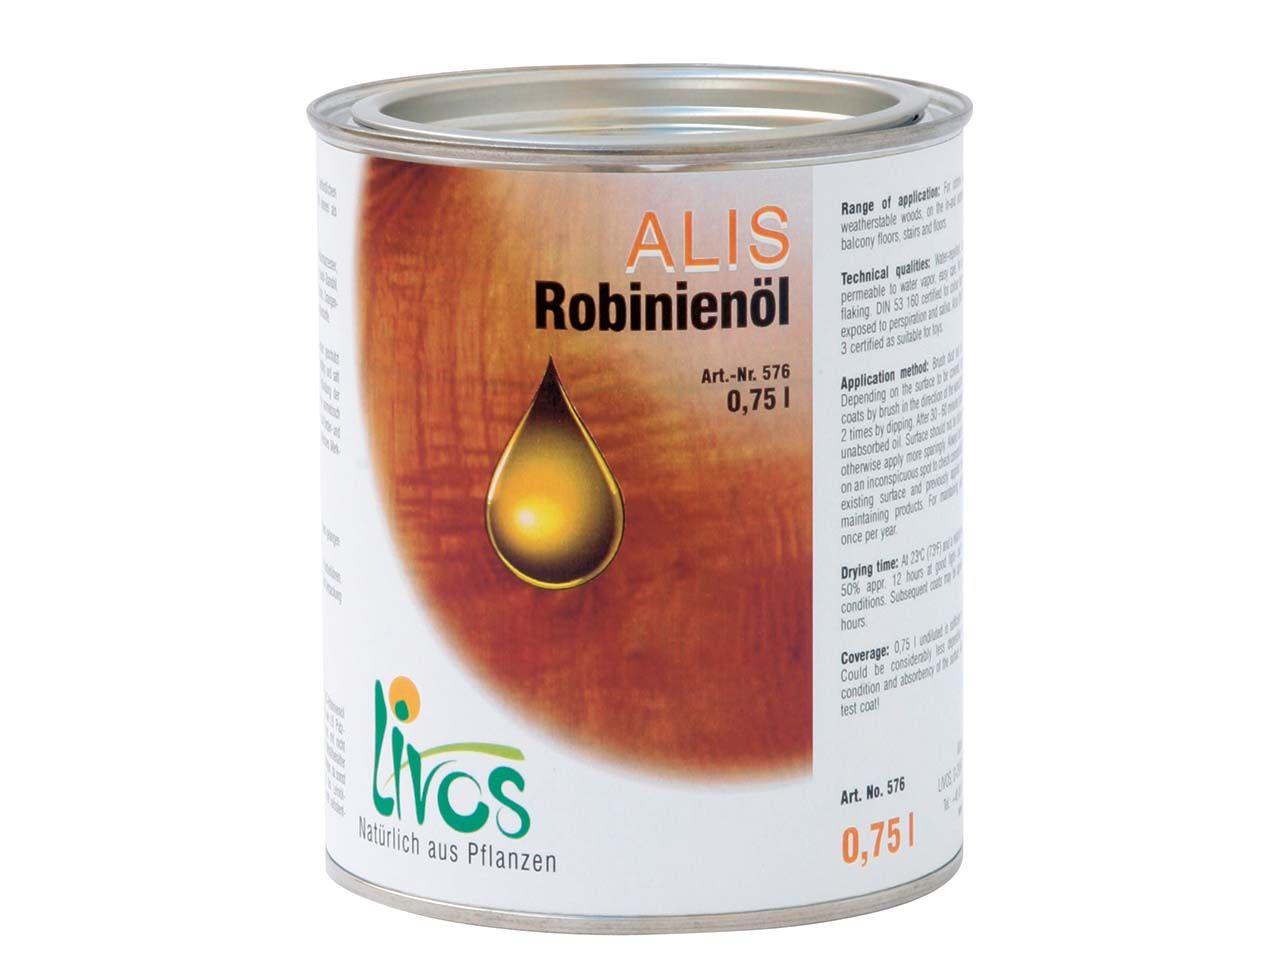 Livos Alis Robinienöl 0,75 l 576-0,75